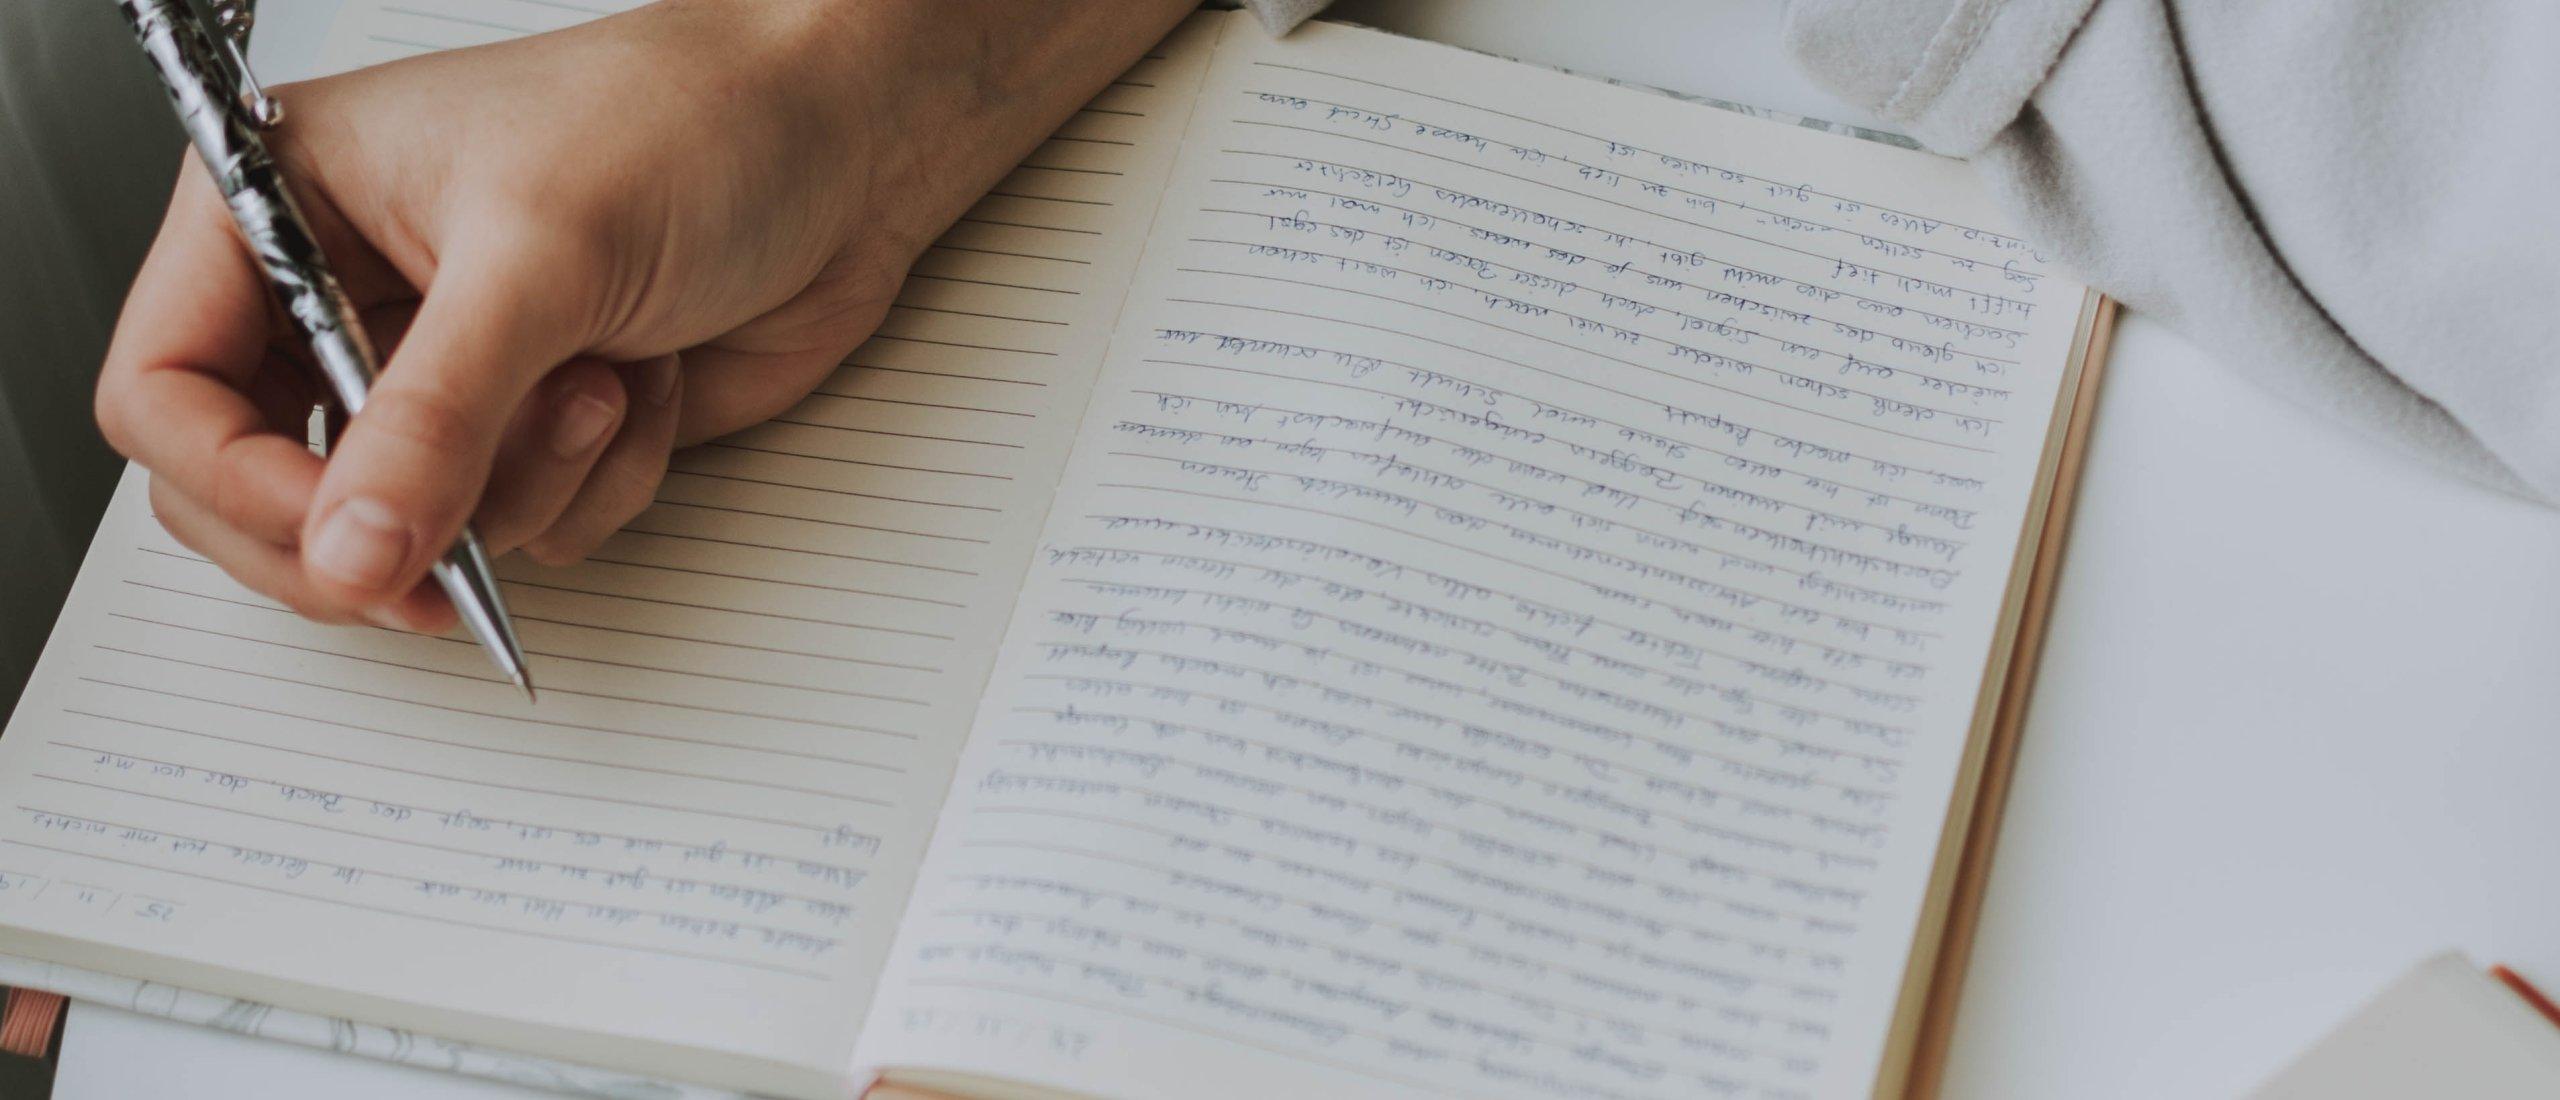 Dagboek van de mystery guest